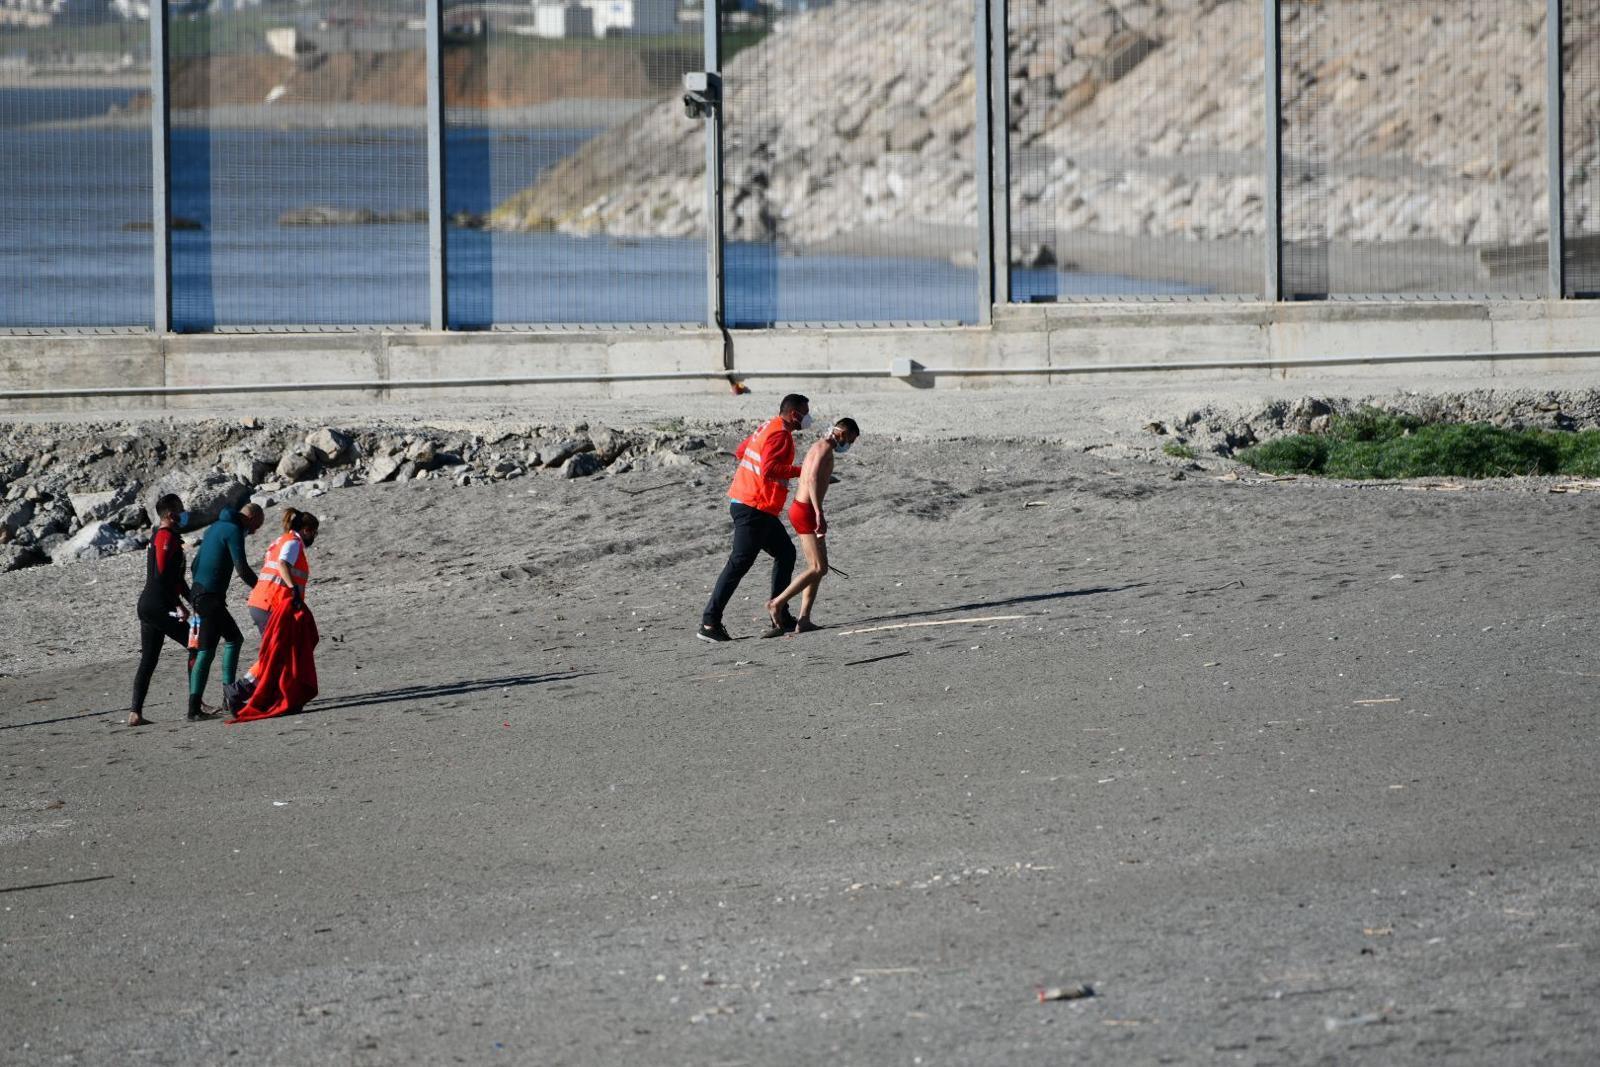 Algunos de los inmigrantes que han llegado a Ceuta, atendidos por Cruz Roja.